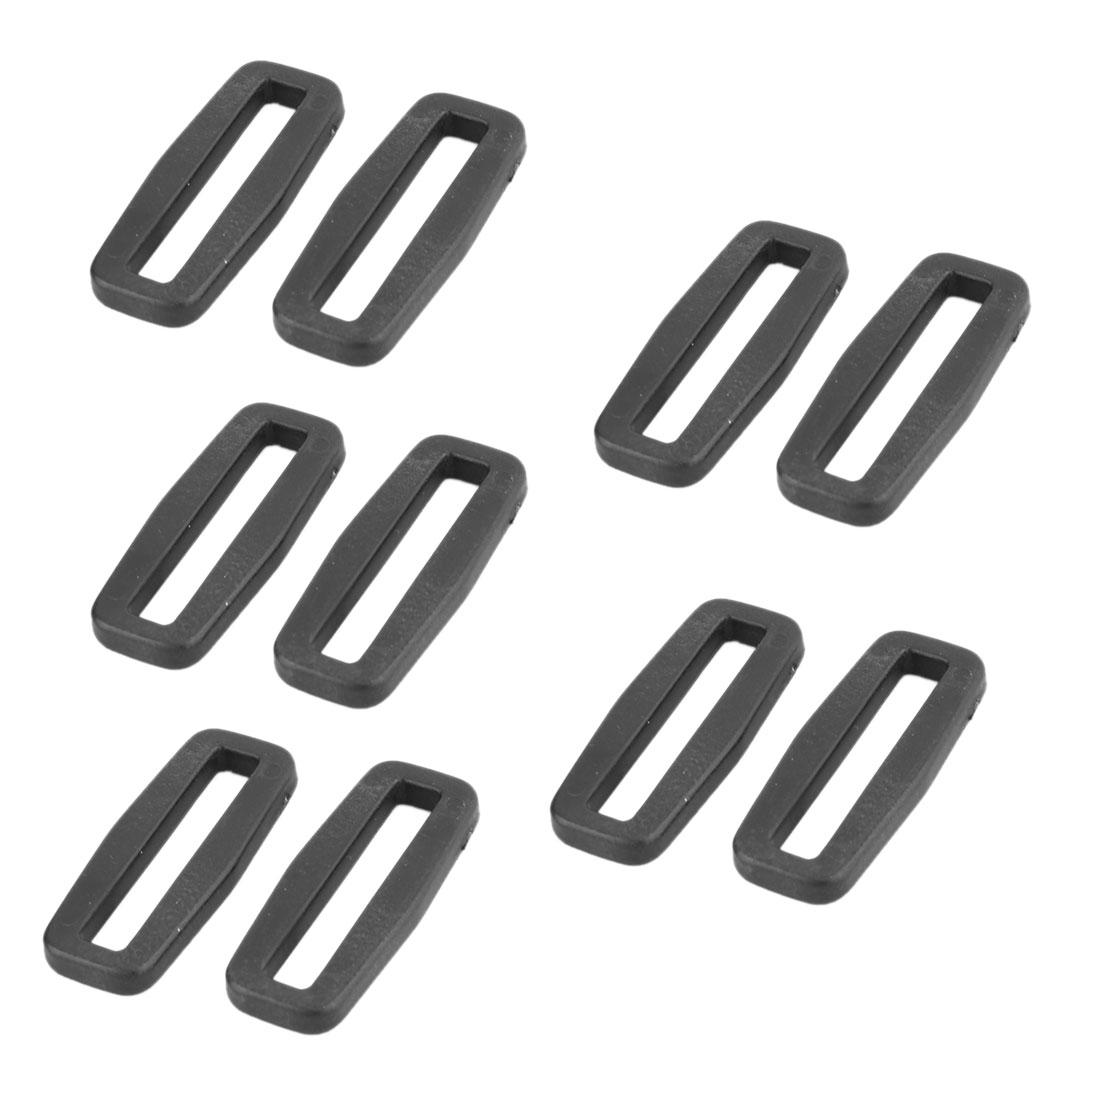 Shoulder Bag Belt Tri Glide Fastener Buckles Connector Black 38mm Strap Width 10pcs